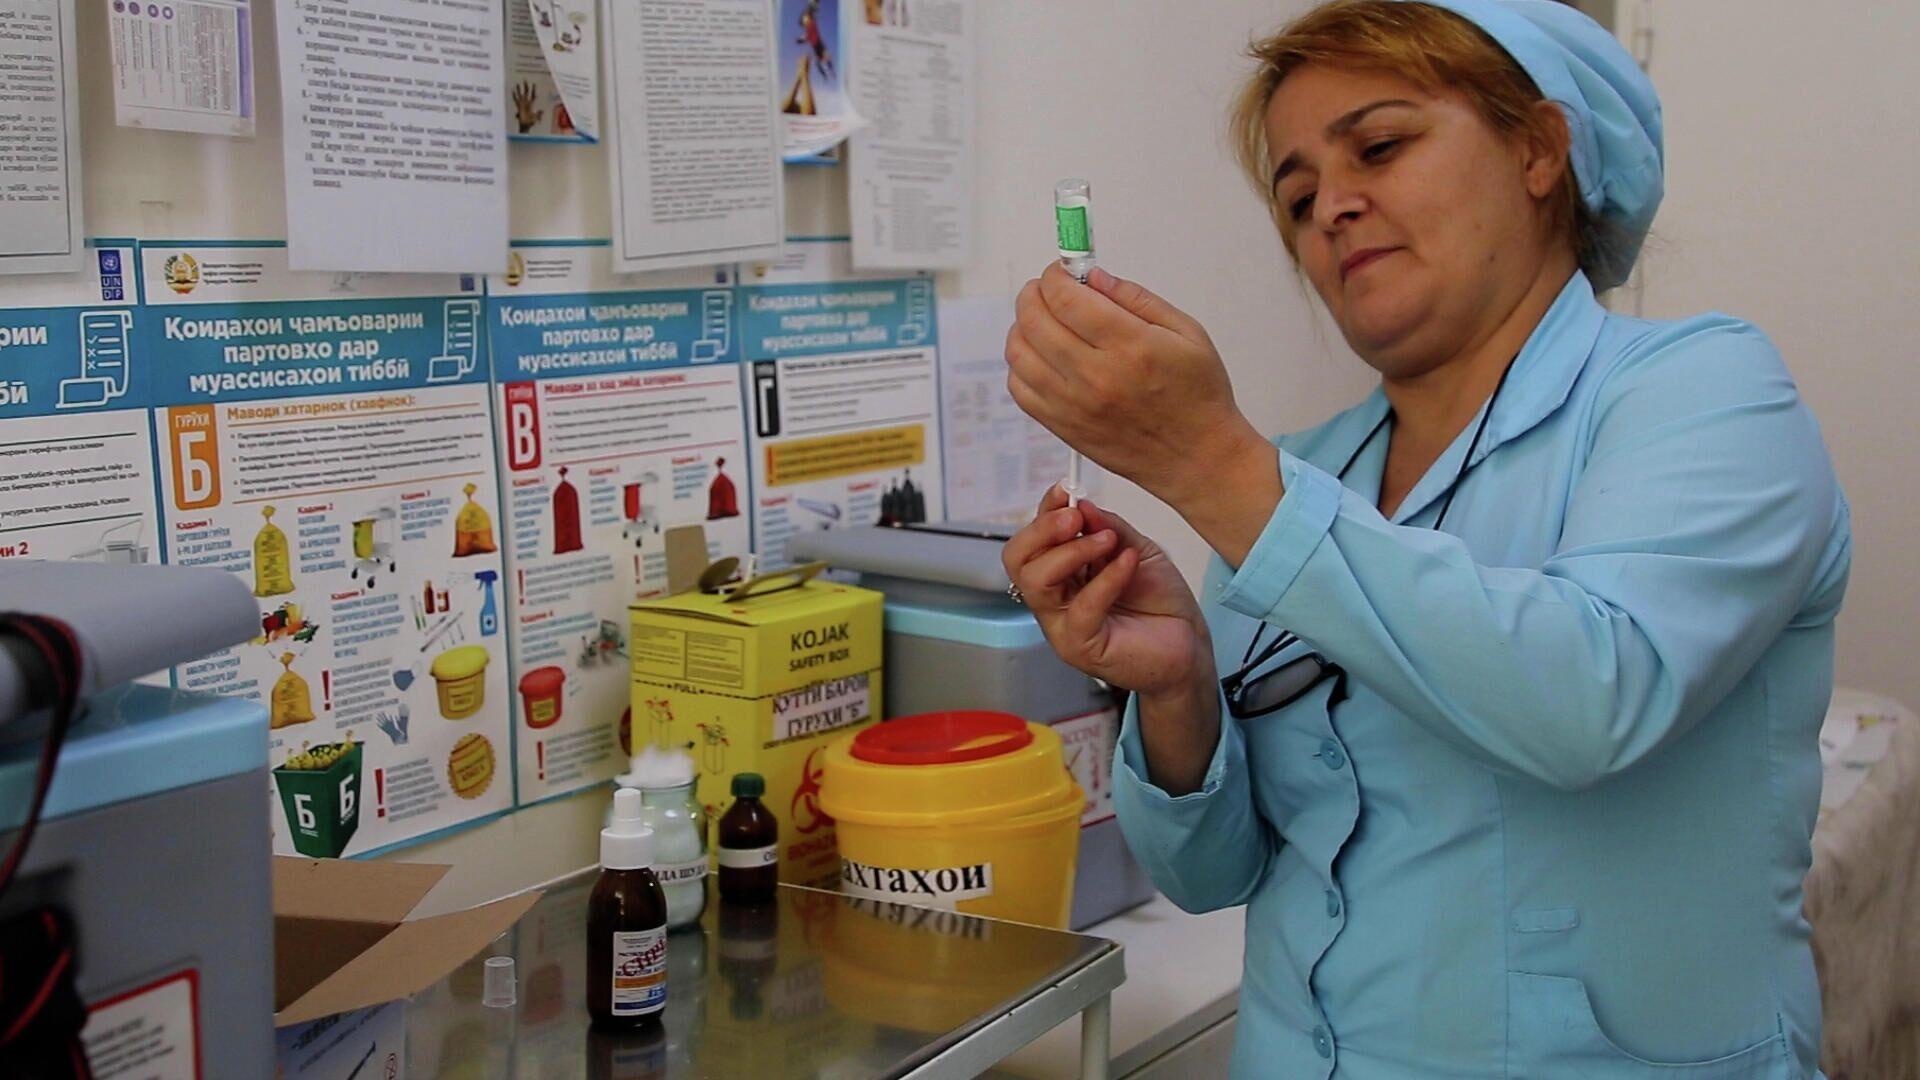 Вакцинация от коронавируса в Таджикистане - Sputnik Тоҷикистон, 1920, 02.09.2021